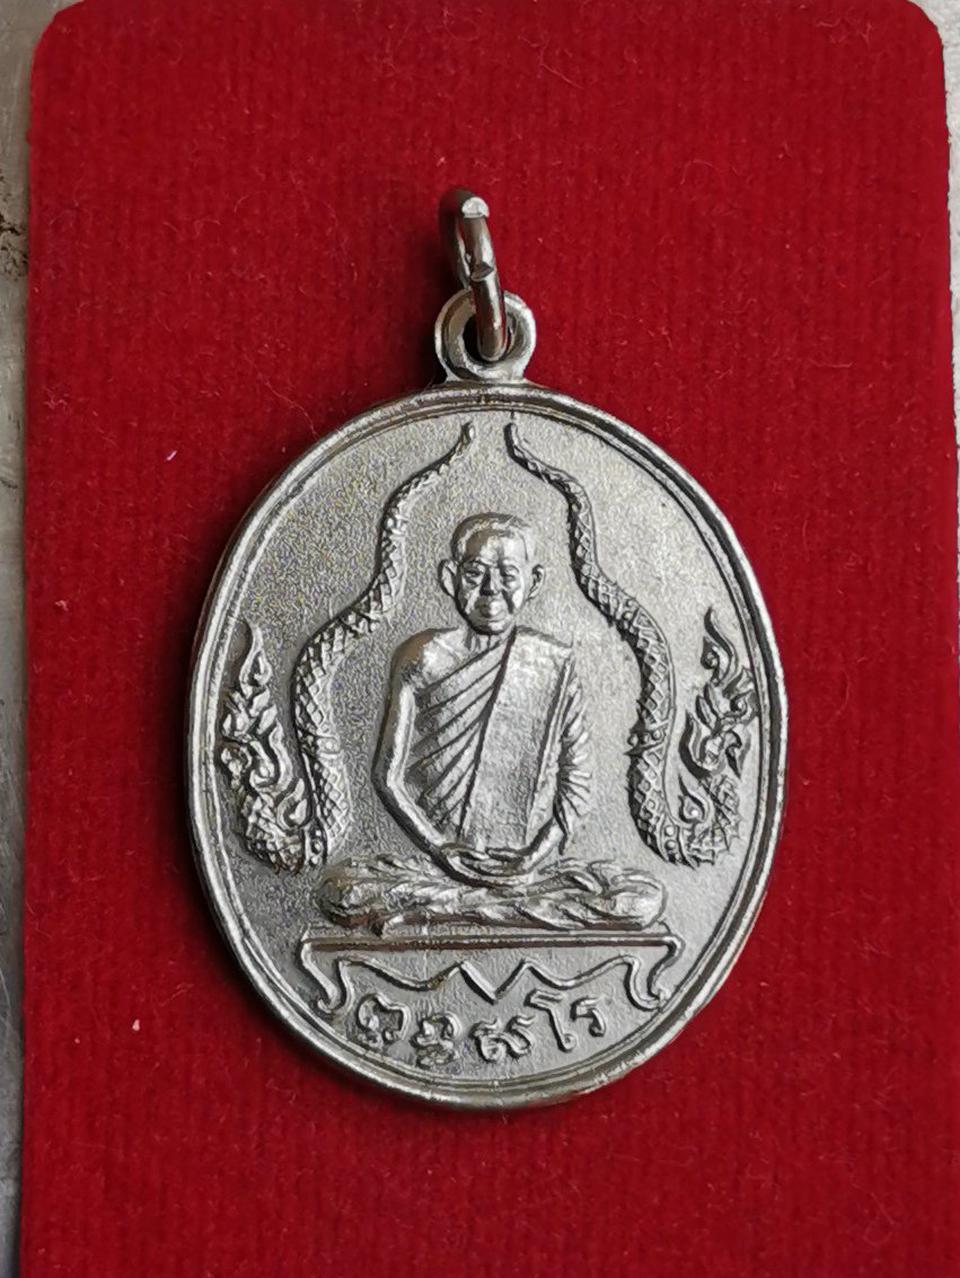 733 เหรียญนาคคู่หลวงพ่อพร วัดดอนเมือง ปี 2514 กทม  เนื้อกะไหล่เงิน  รูปที่ 1